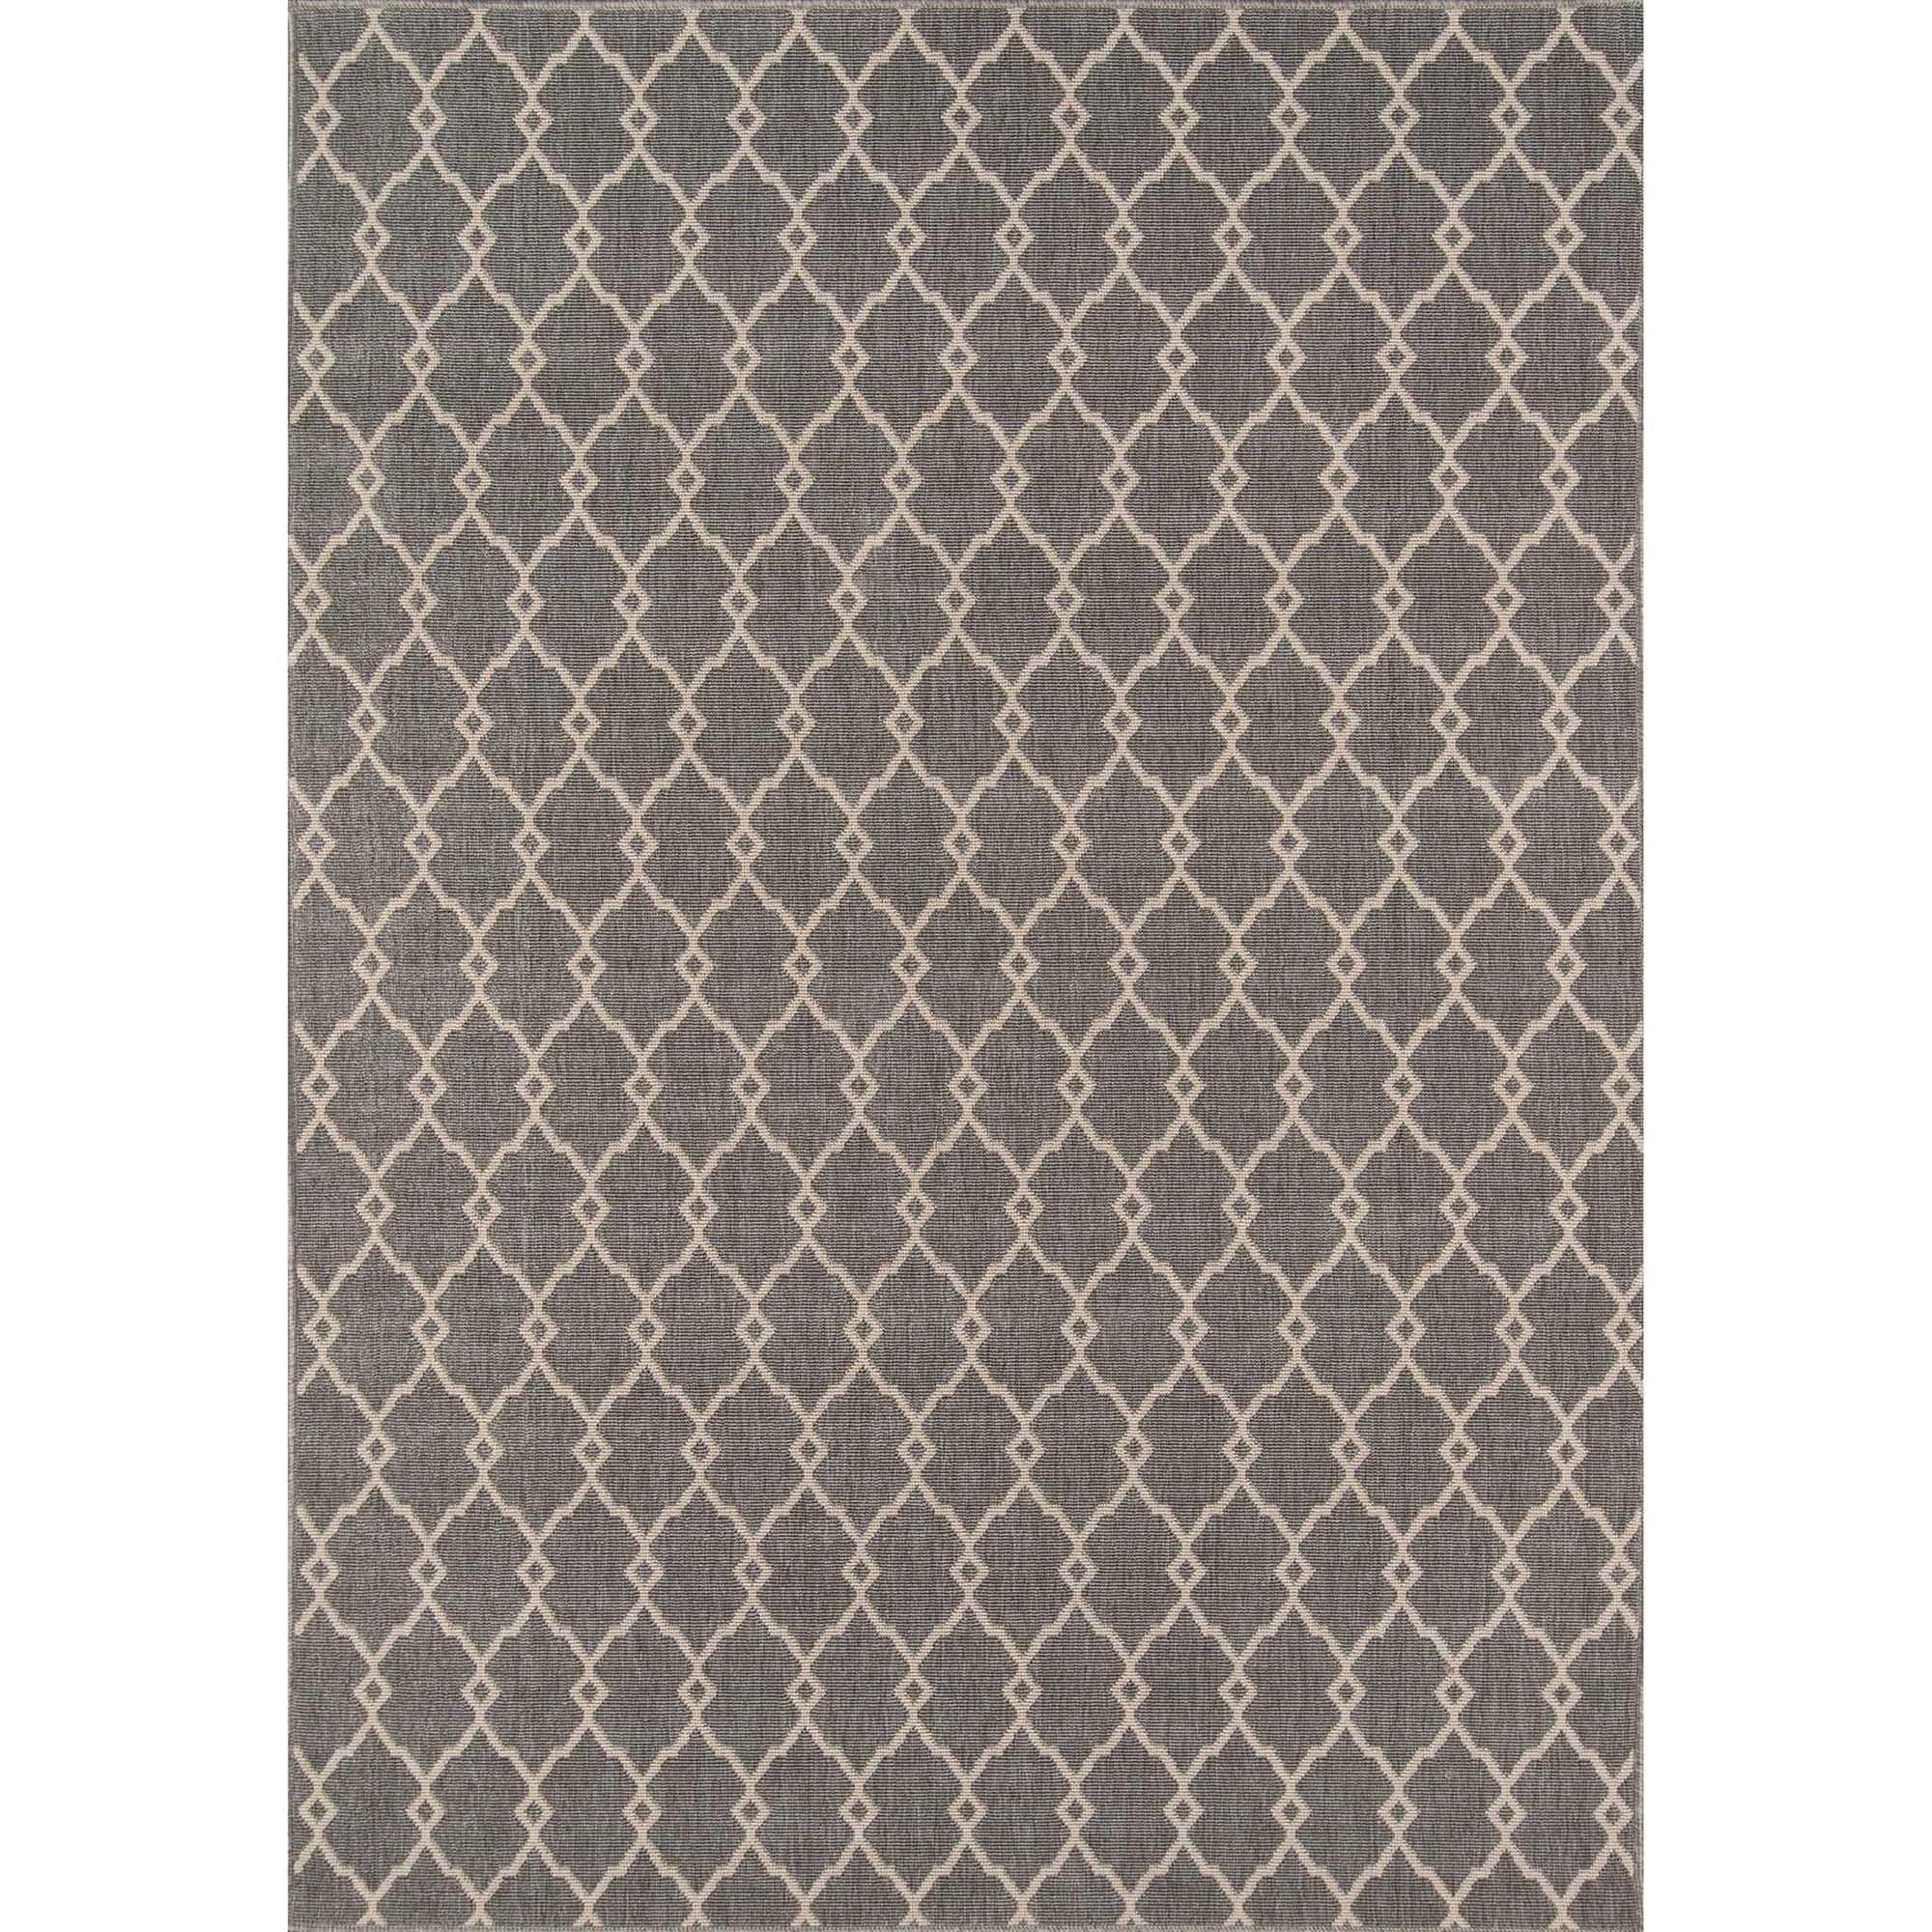 Momeni Baja Trellis Grey Indoor/Outdoor Area Rug (8'6 x 13')